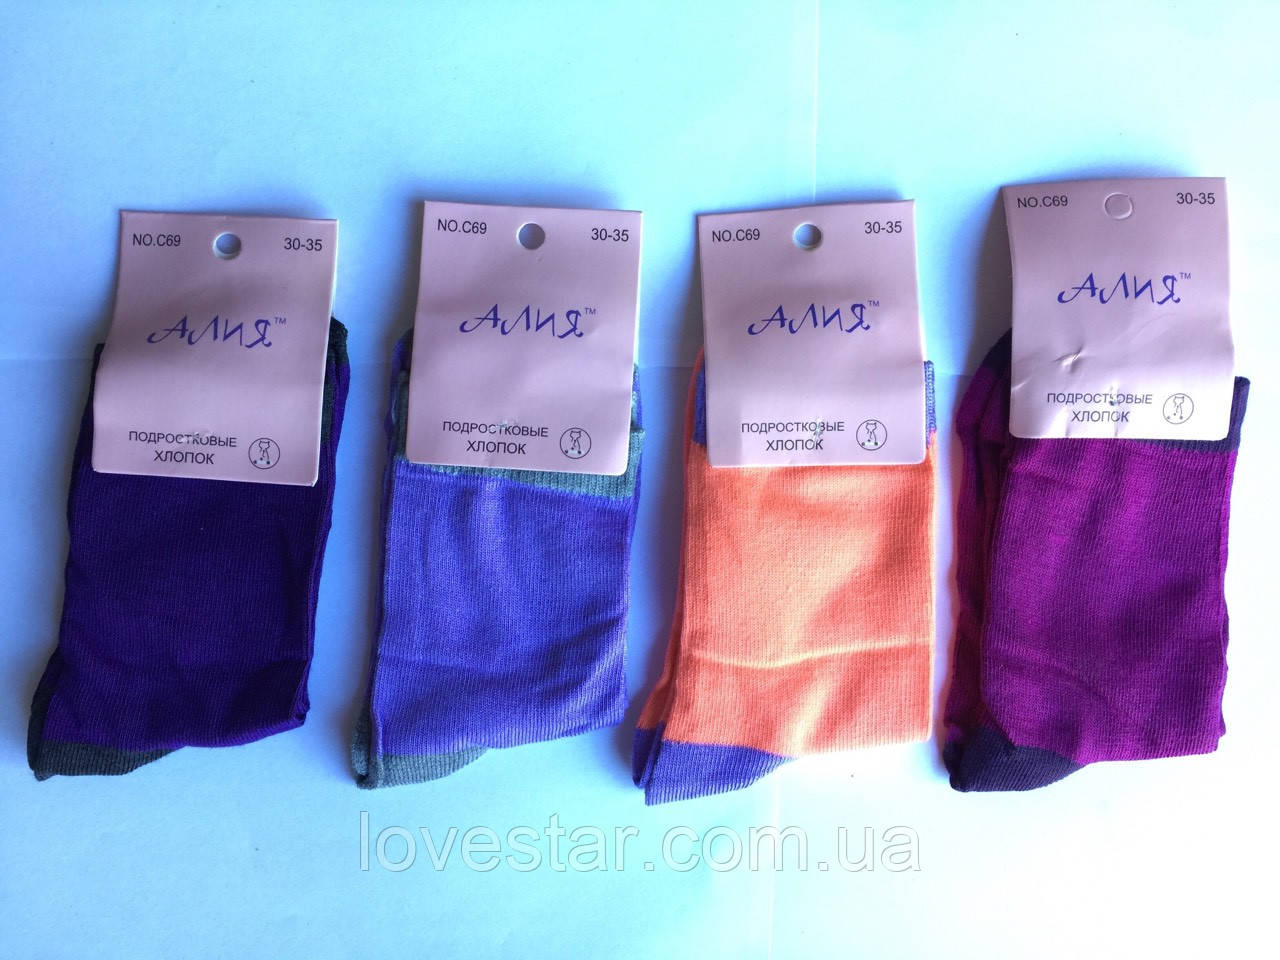 Жіночі шкарпетки 30-35